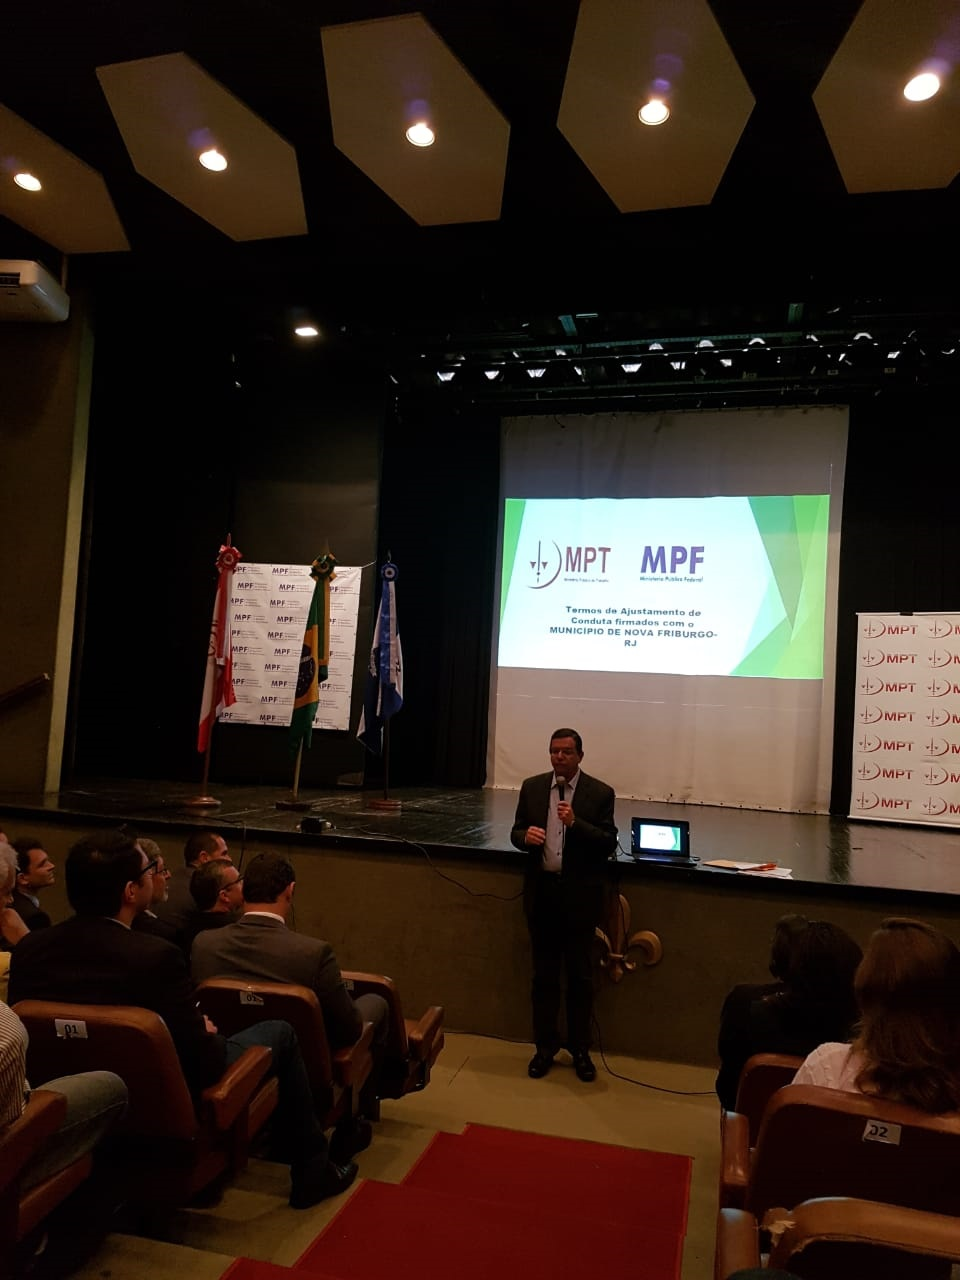 O prefeito Renato Bravo fala para a plateia (Fotos: Alerrandre Barros)